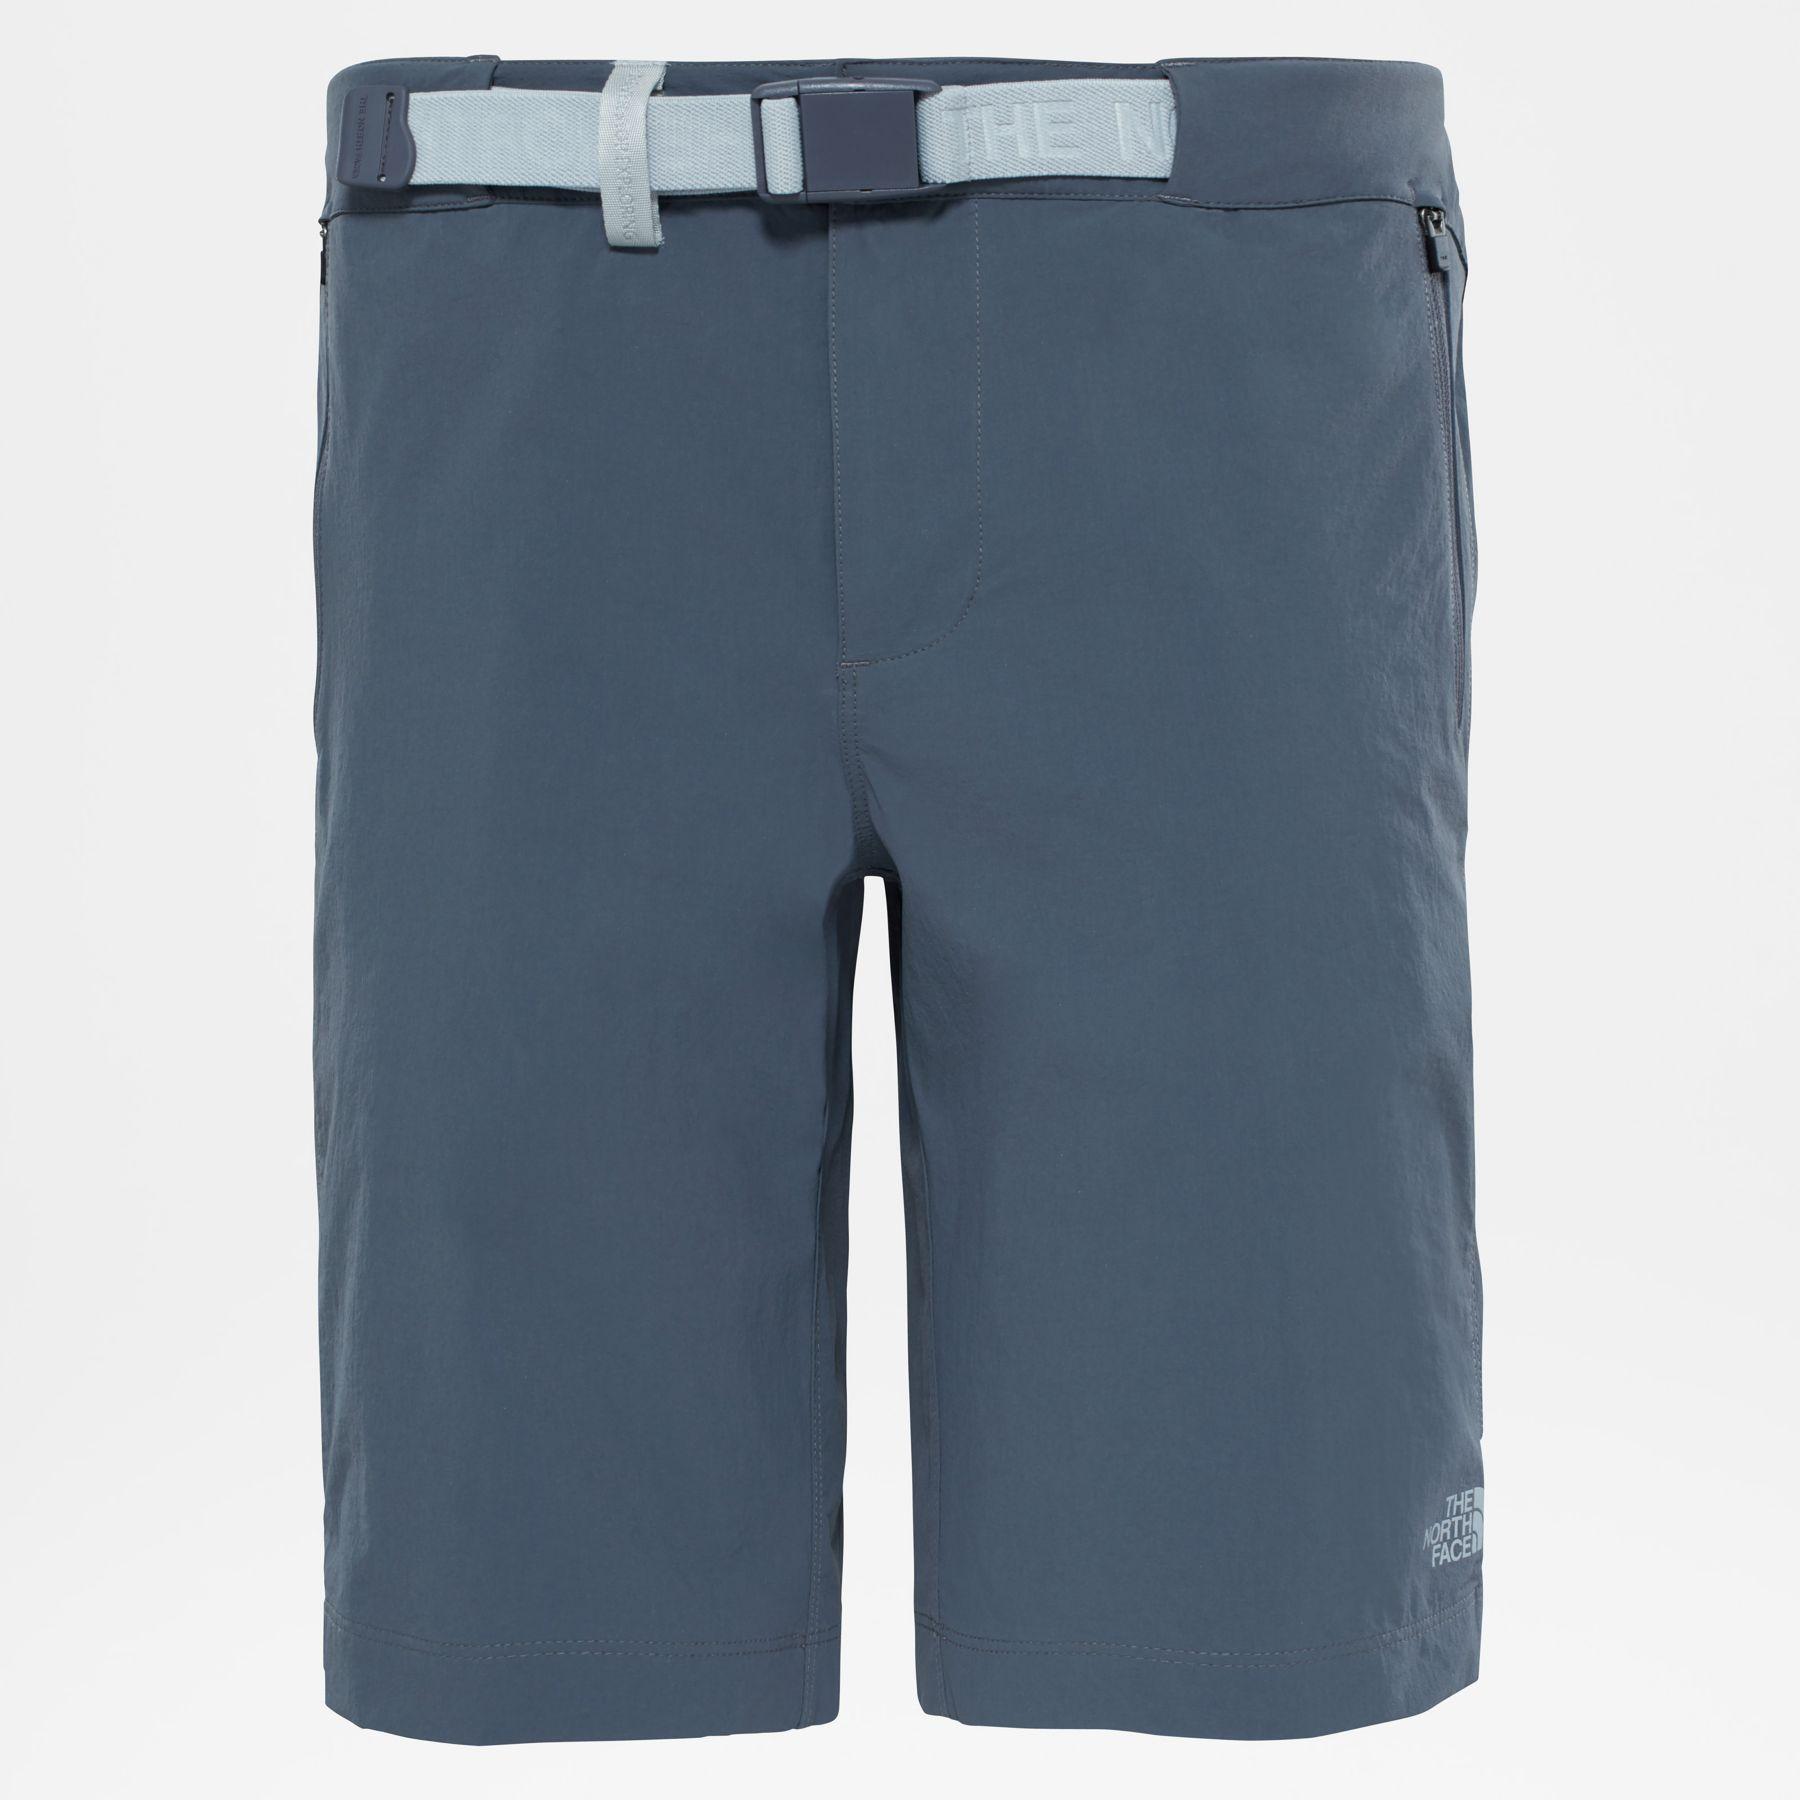 The North Face Speedlight Short Damen kurze Hose